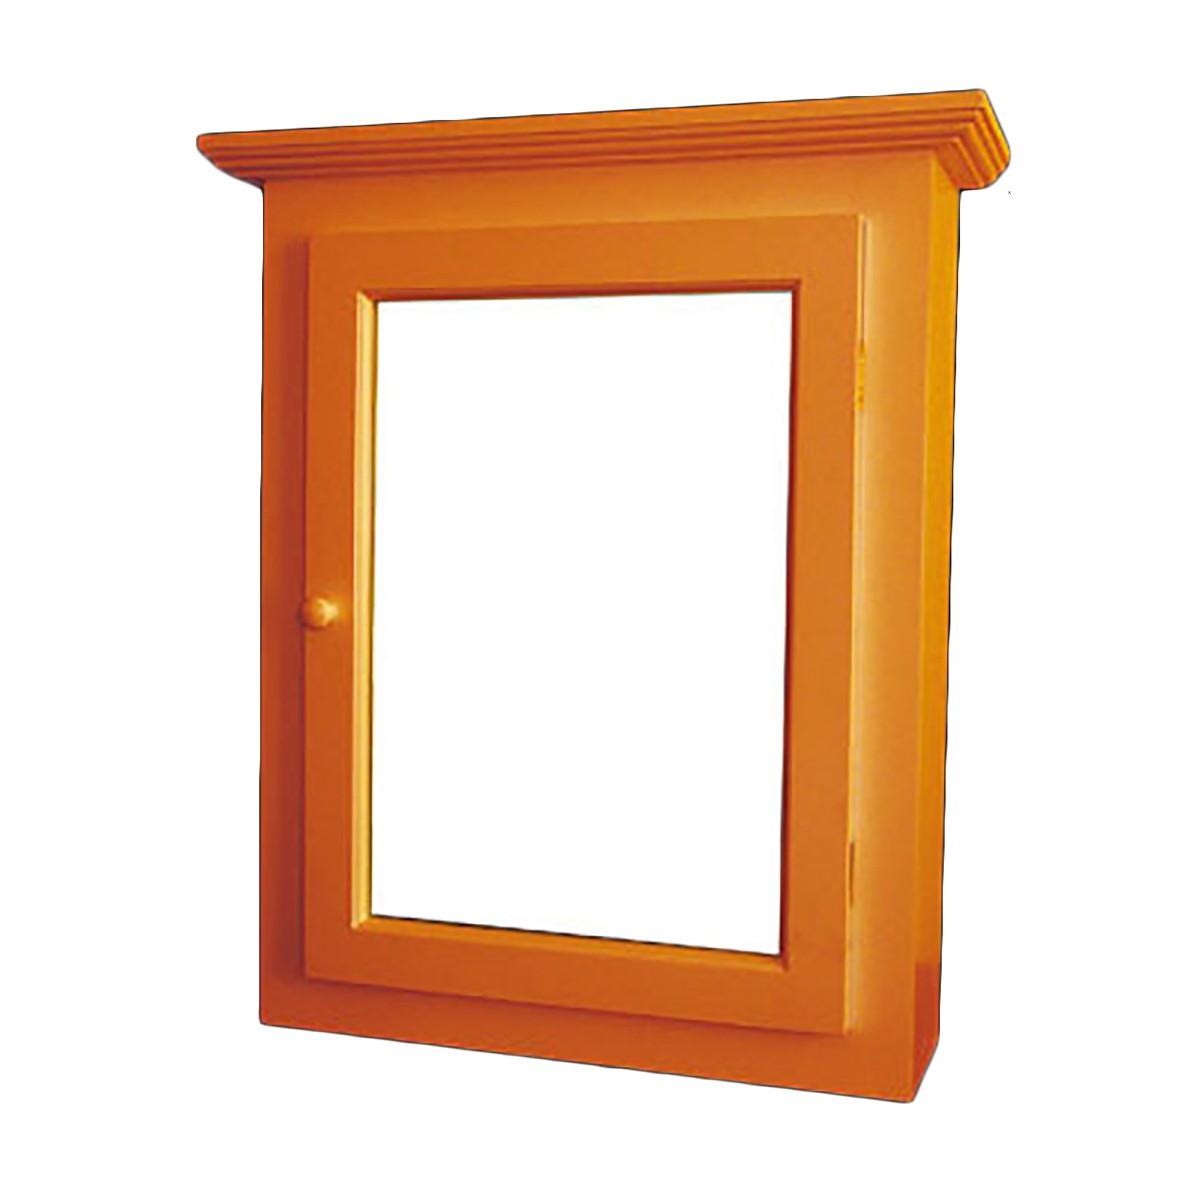 solid wood medicine cabinet mirror door flush surface mount. Black Bedroom Furniture Sets. Home Design Ideas